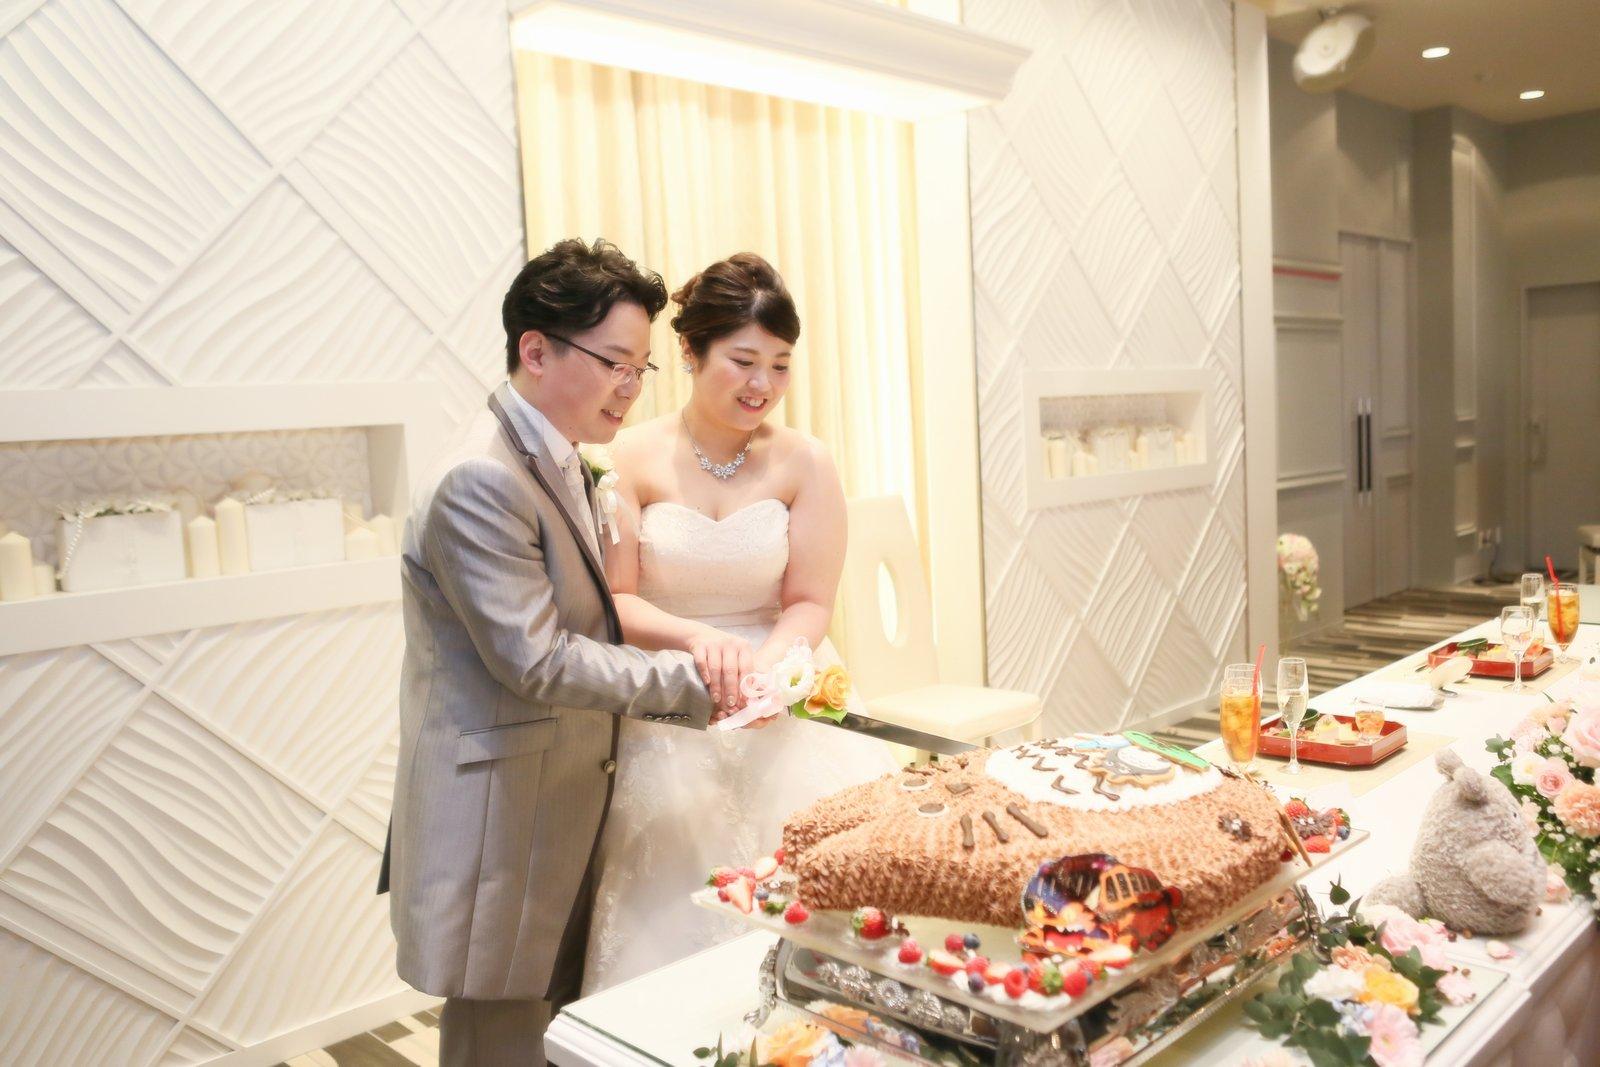 徳島市の結婚式場ブランアンジュの披露宴会場でウエディングケーキ入刀している新郎新婦